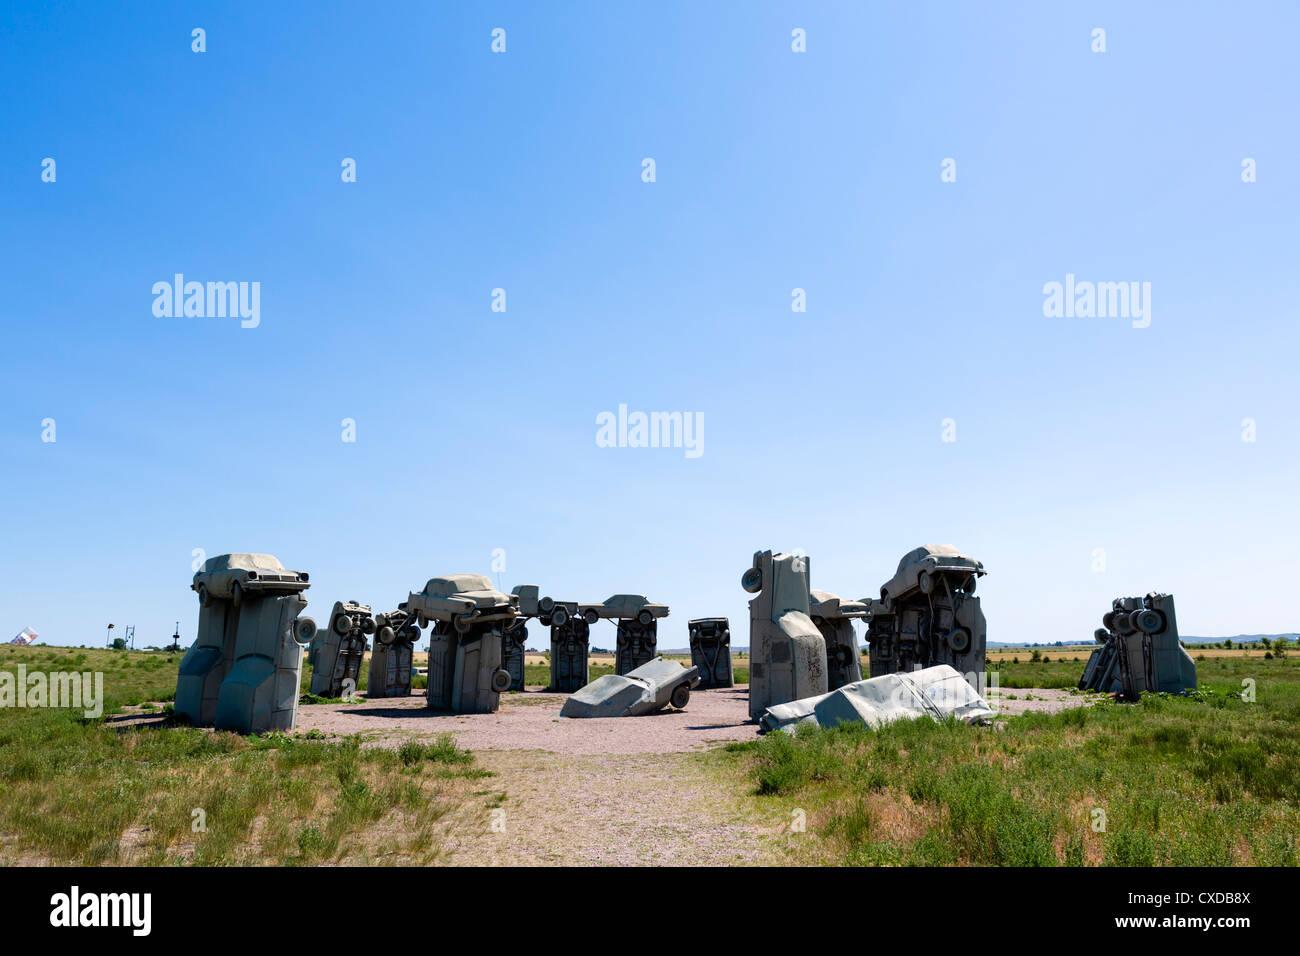 Carhenge, una obra de arte hecha de viejos coches desguazados, Alliance, Nebraska, EE.UU. Imagen De Stock